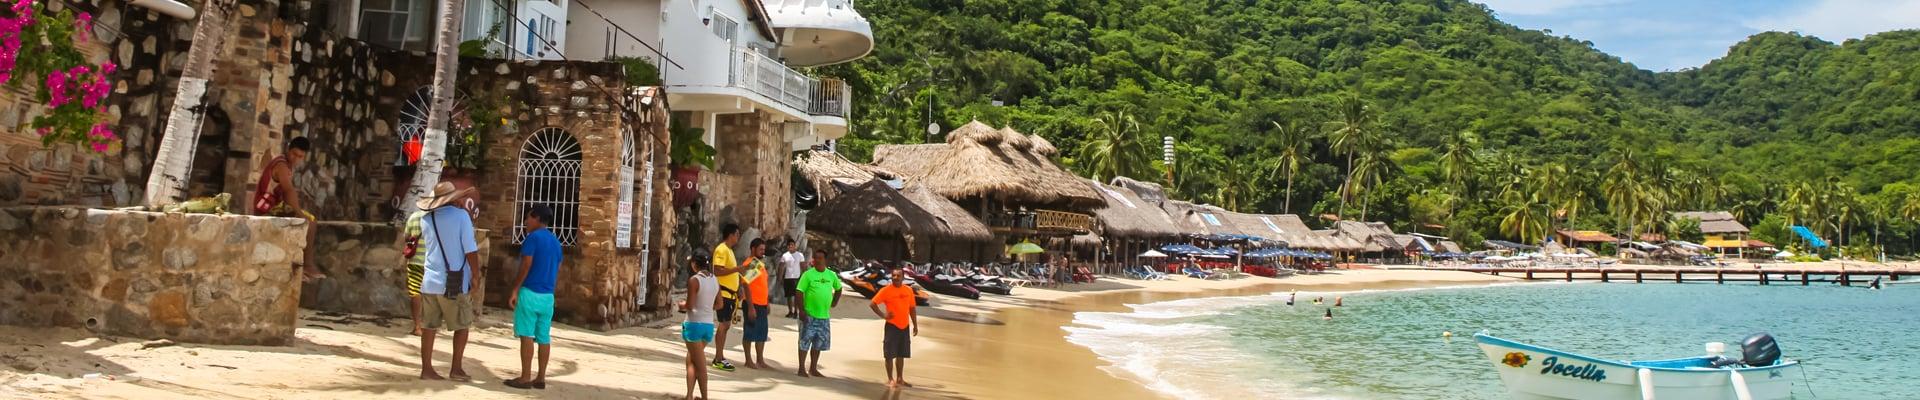 Playa las Animas near Puerto Vallarta, Mexico